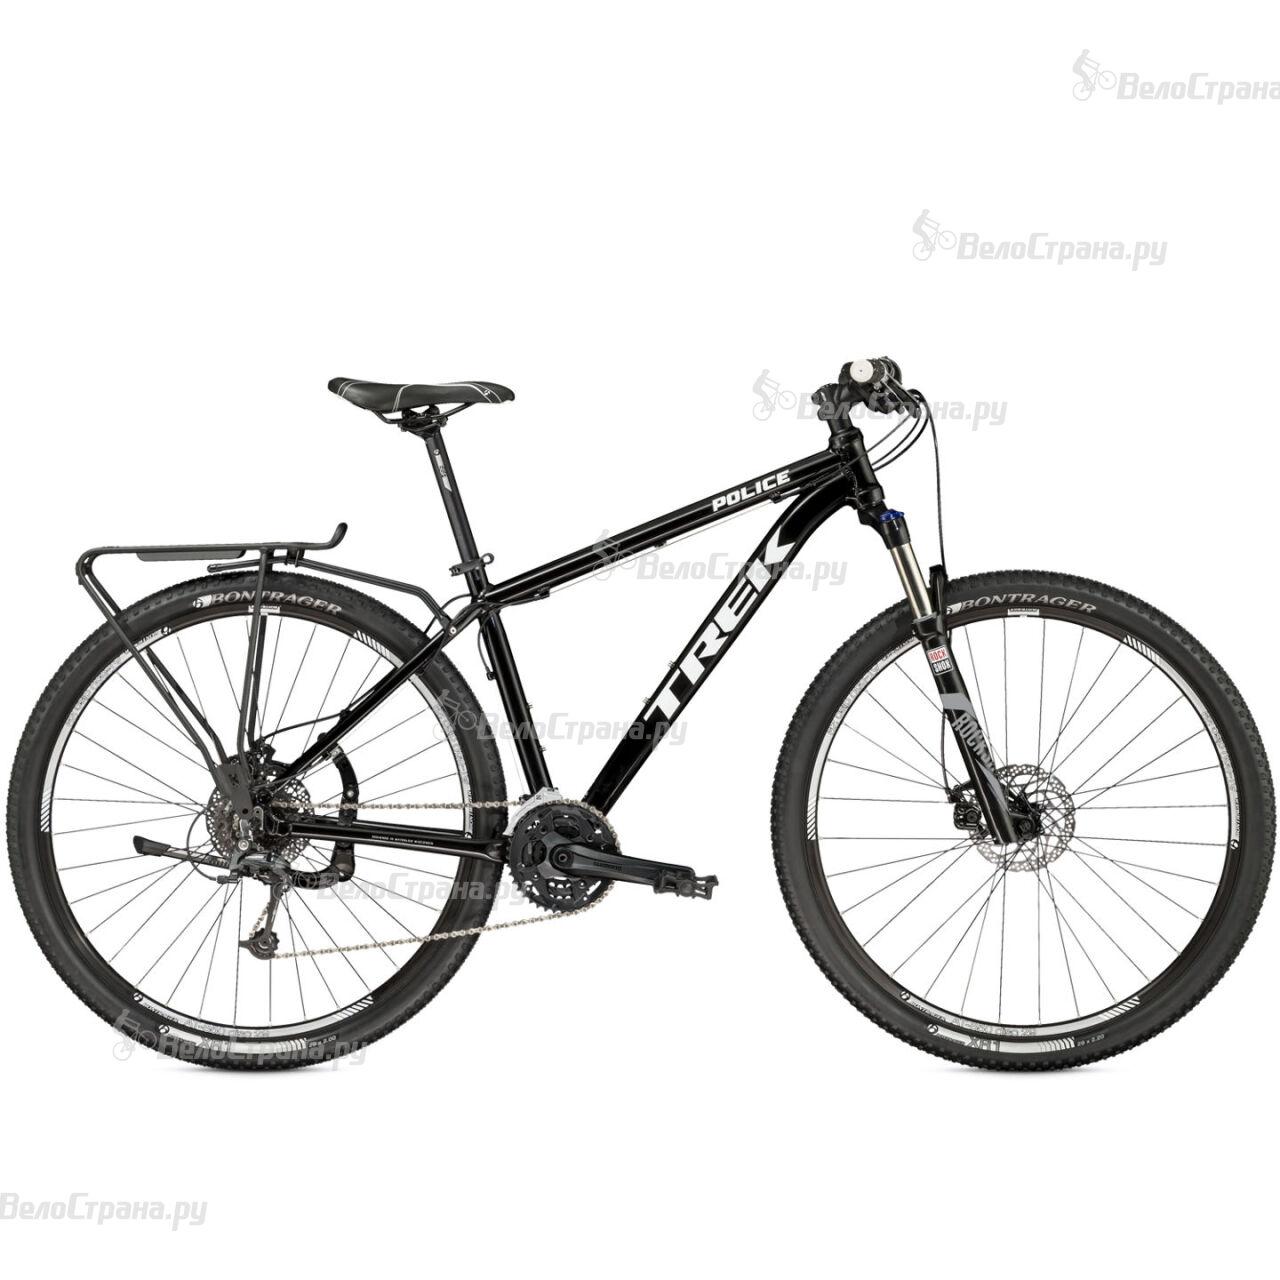 Велосипед Trek Police 29er (2017) police pl 12921jsb 02m